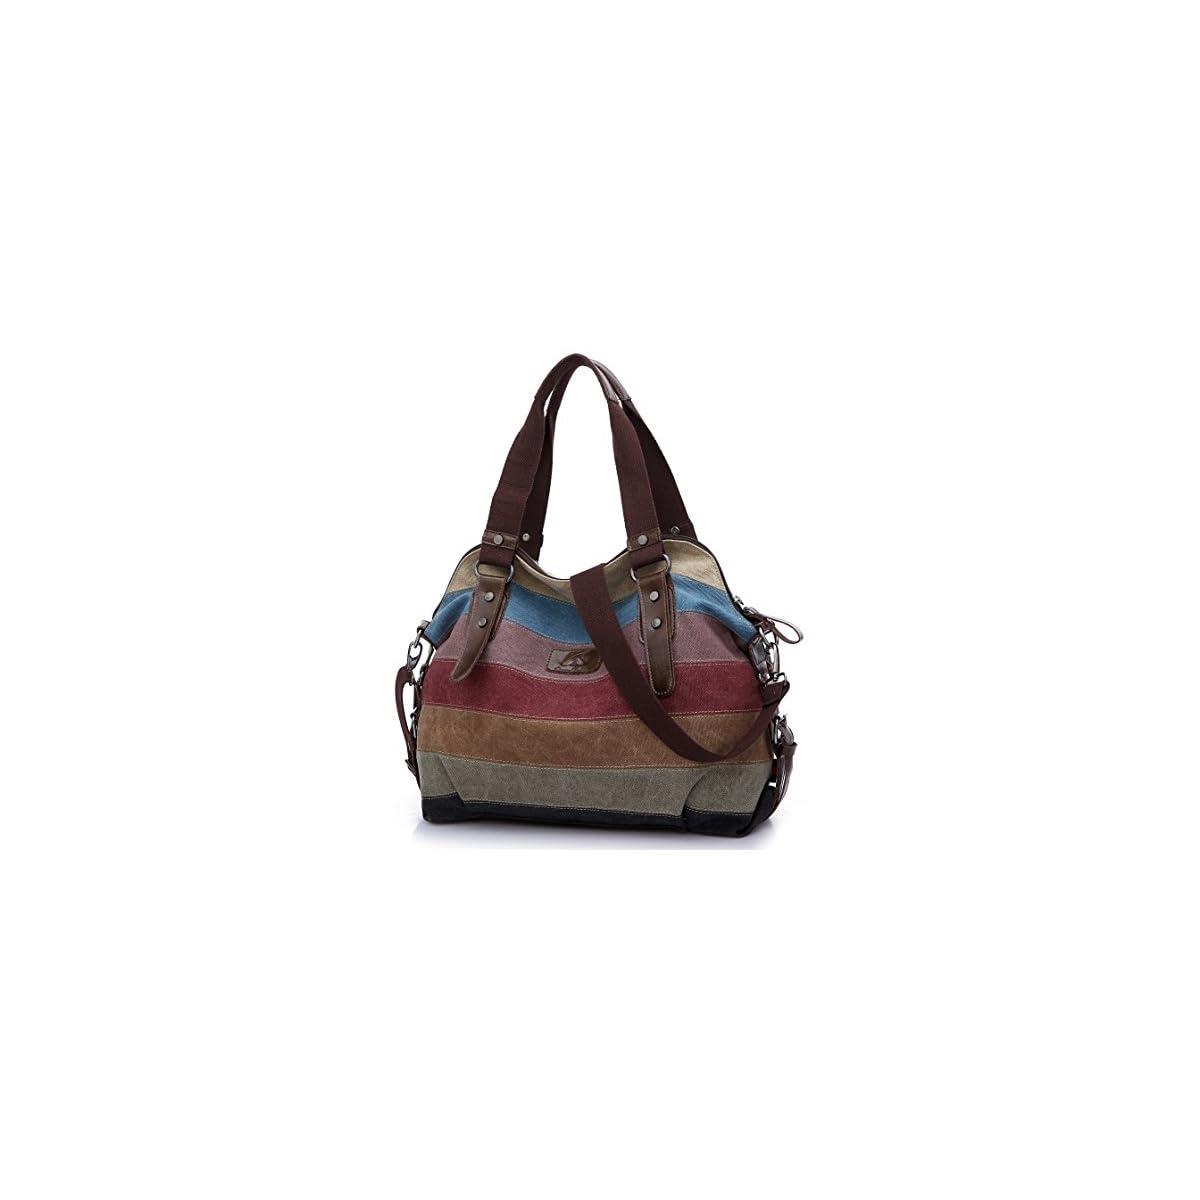 51 enm5sAgL. SS1200  - HASAGEI Bolsa de Lona de las Mujeres Bolsos de Hombro Mochilas Casual Multicolor Rayas